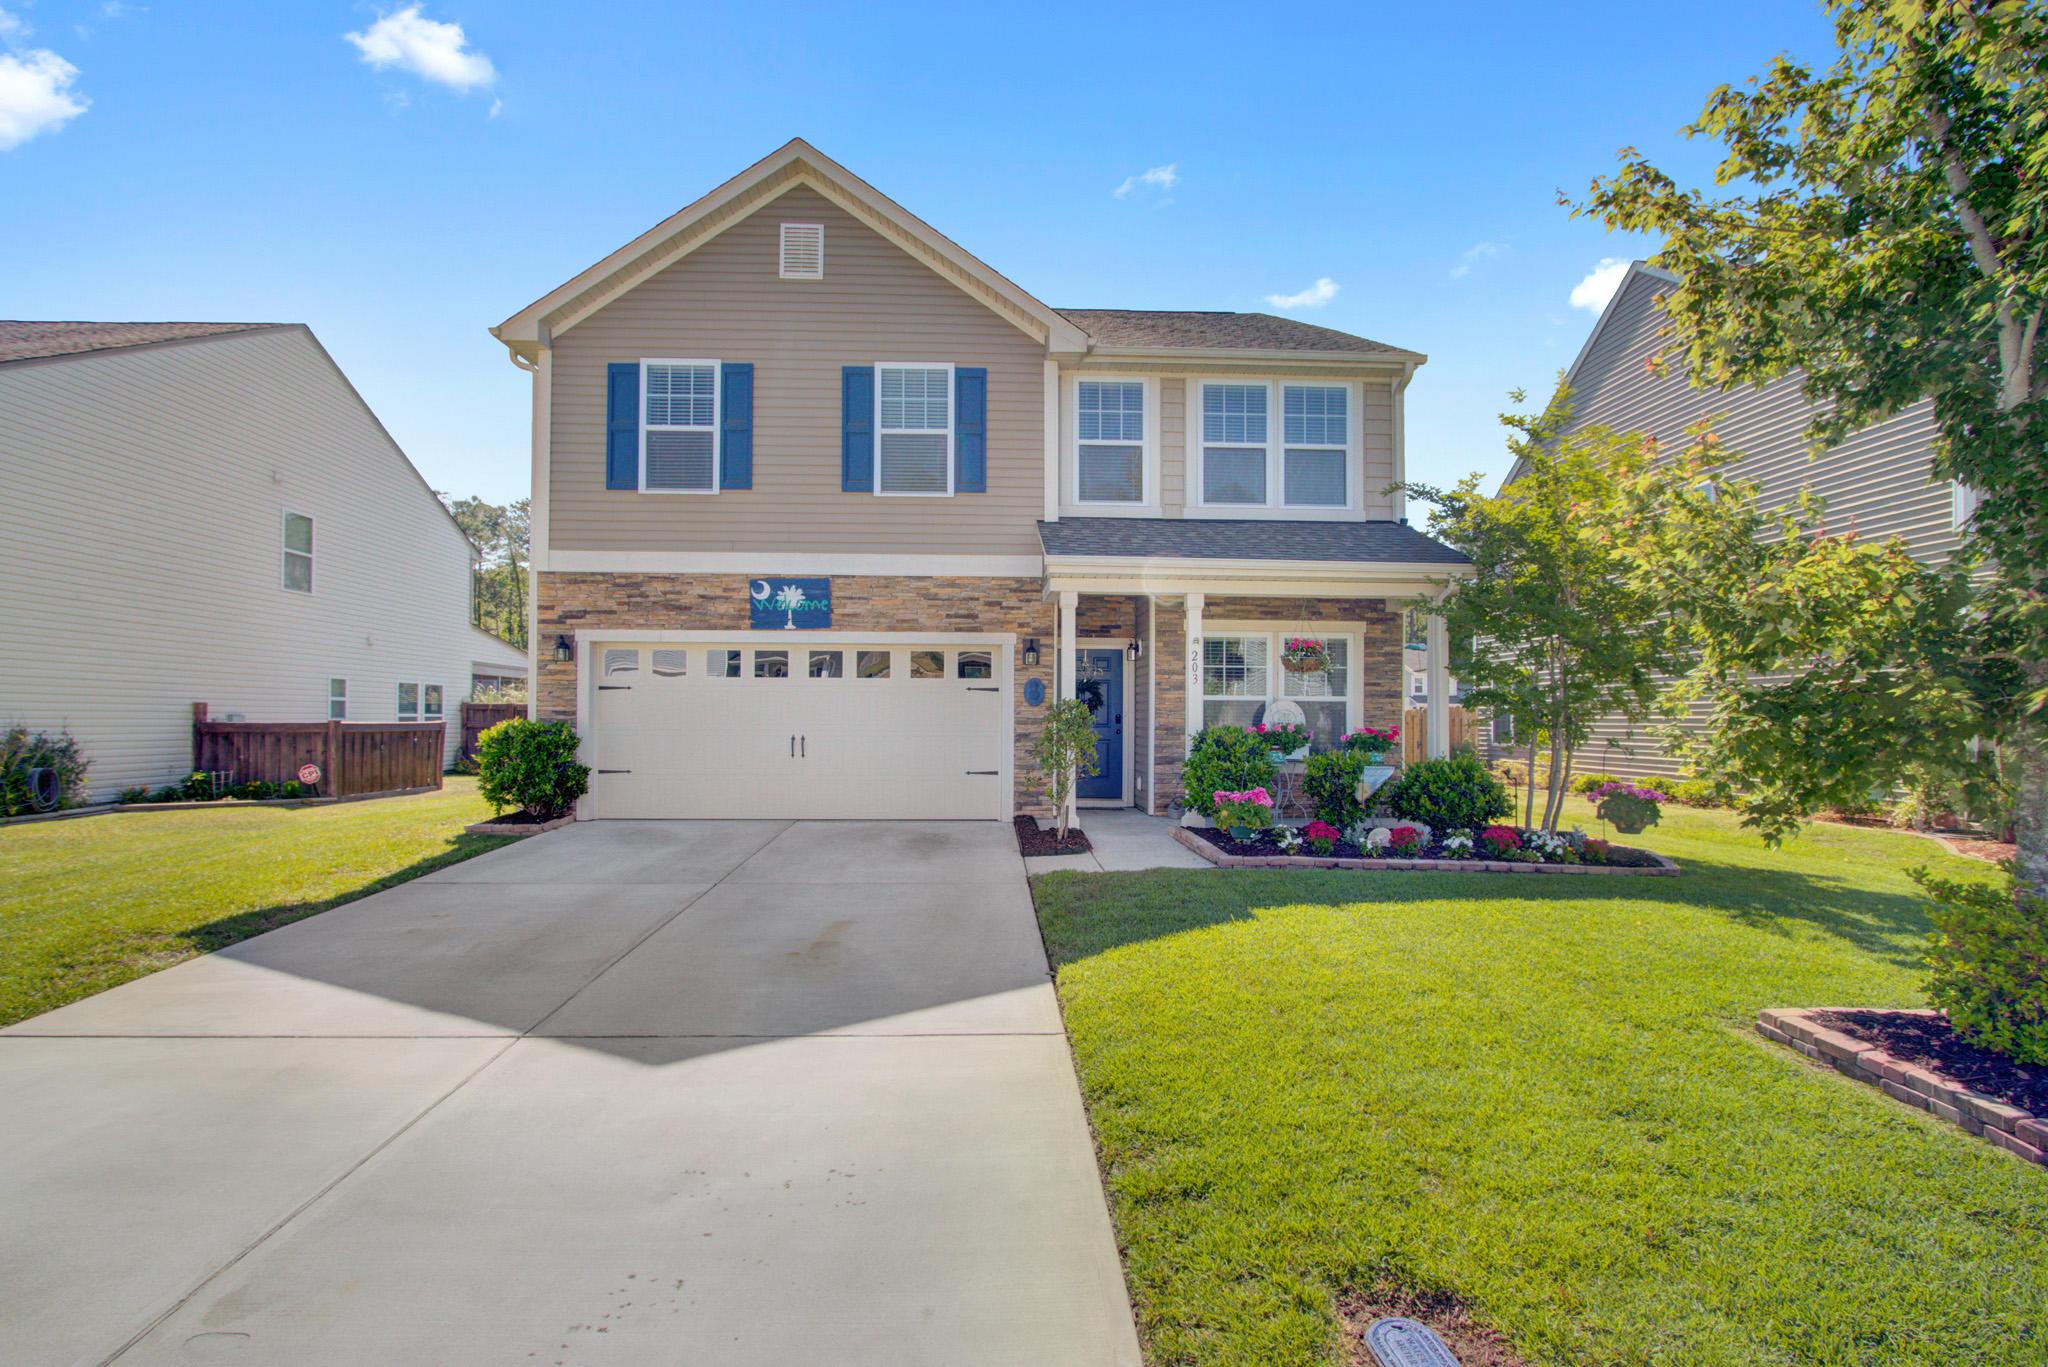 Sunnyfield Homes For Sale - 203 Medford, Summerville, SC - 1